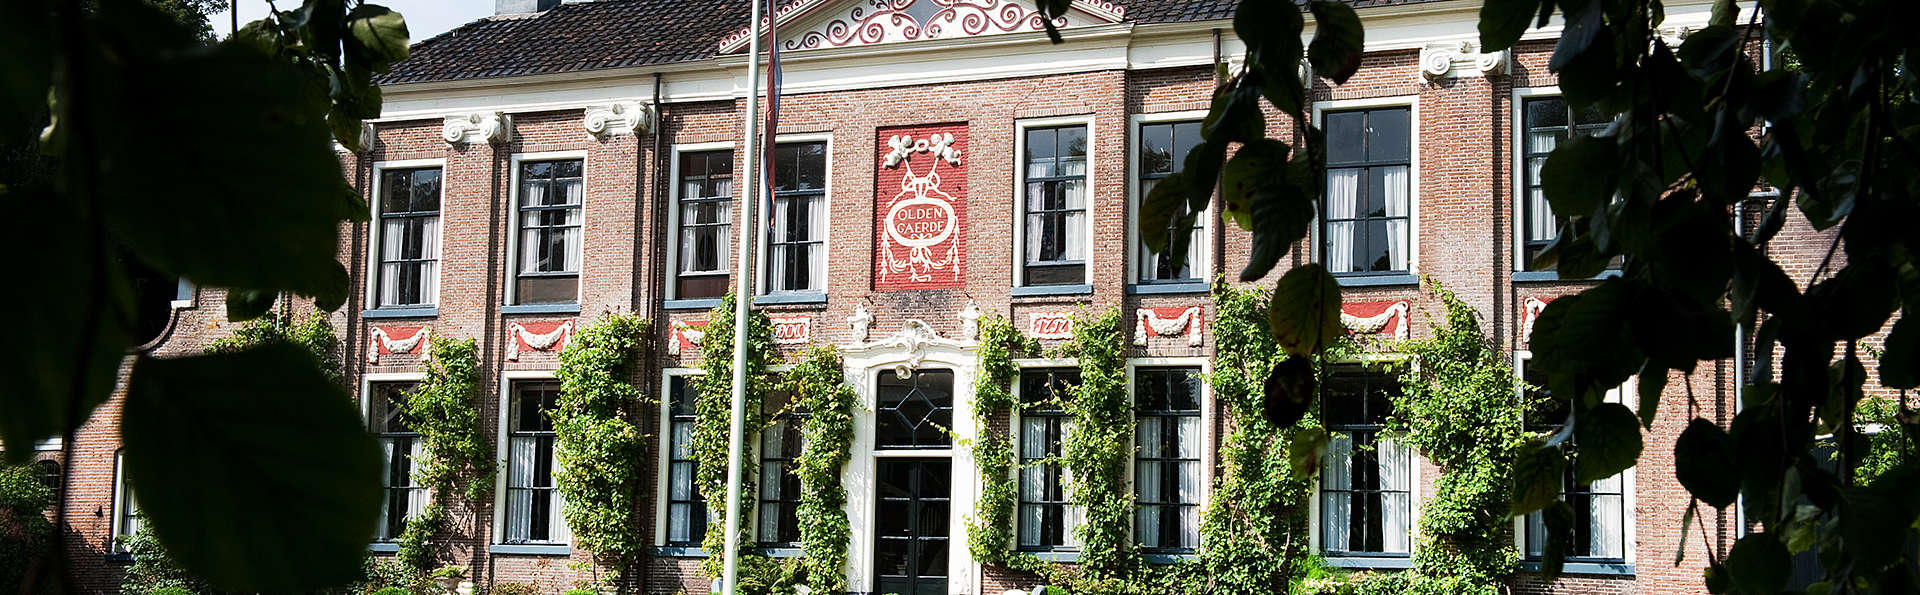 Hotel & Restaurant Wesseling - EDIT_Havezathe-Oldengaerde.jpg